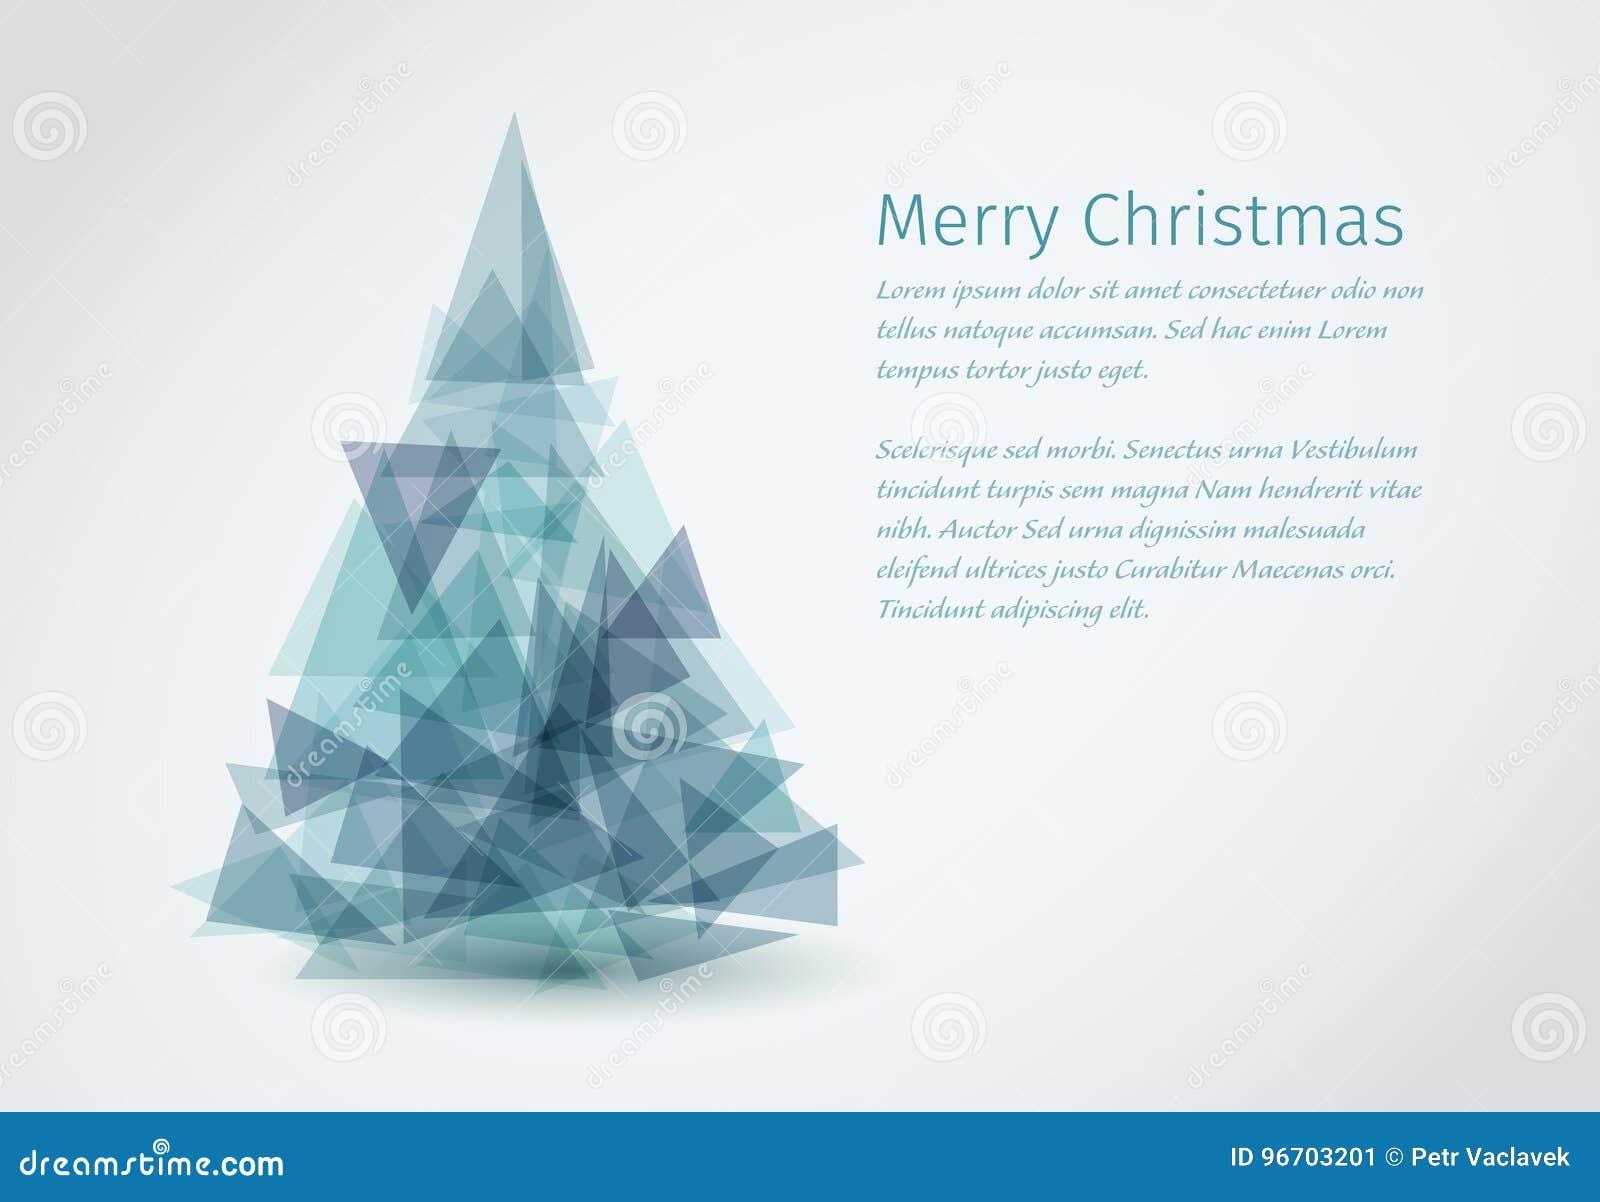 Moderne Weihnachtskarten.Moderne Weihnachtskarte Mit Weihnachtsbaum Vektor Abbildung